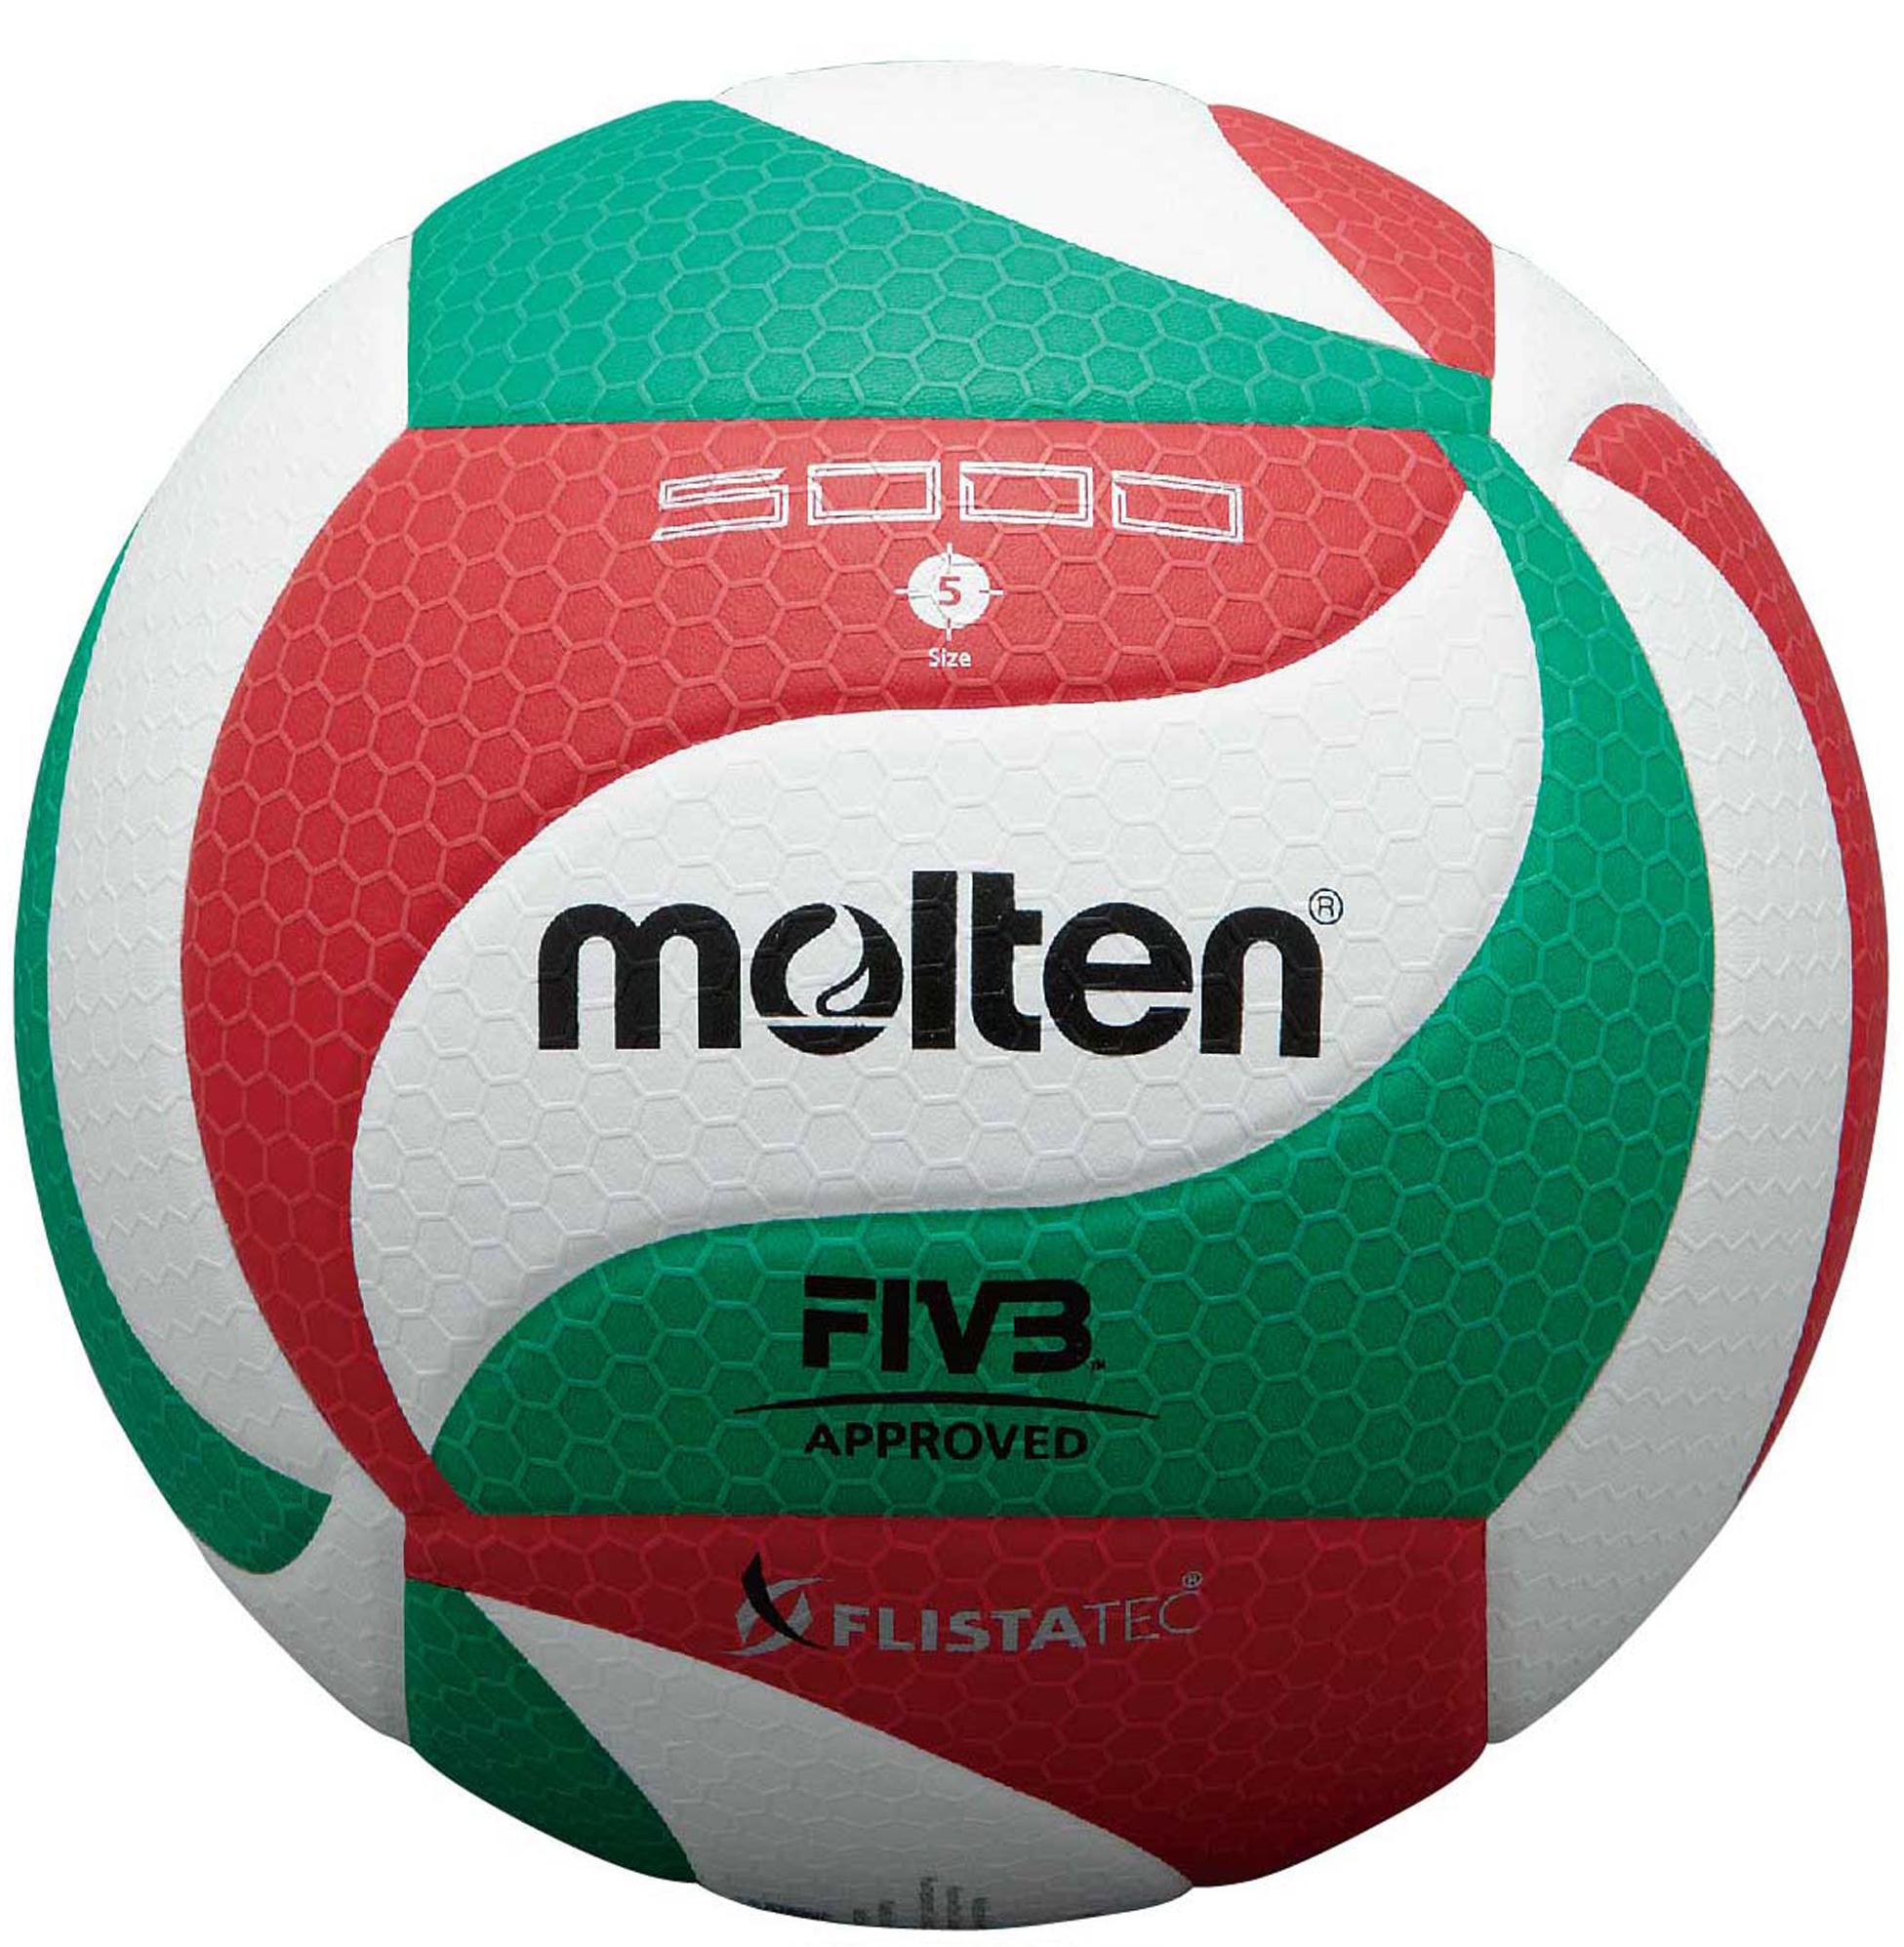 Molten Мяч волейбольный Molten, размер 5 мячи s s мяч волейбольный